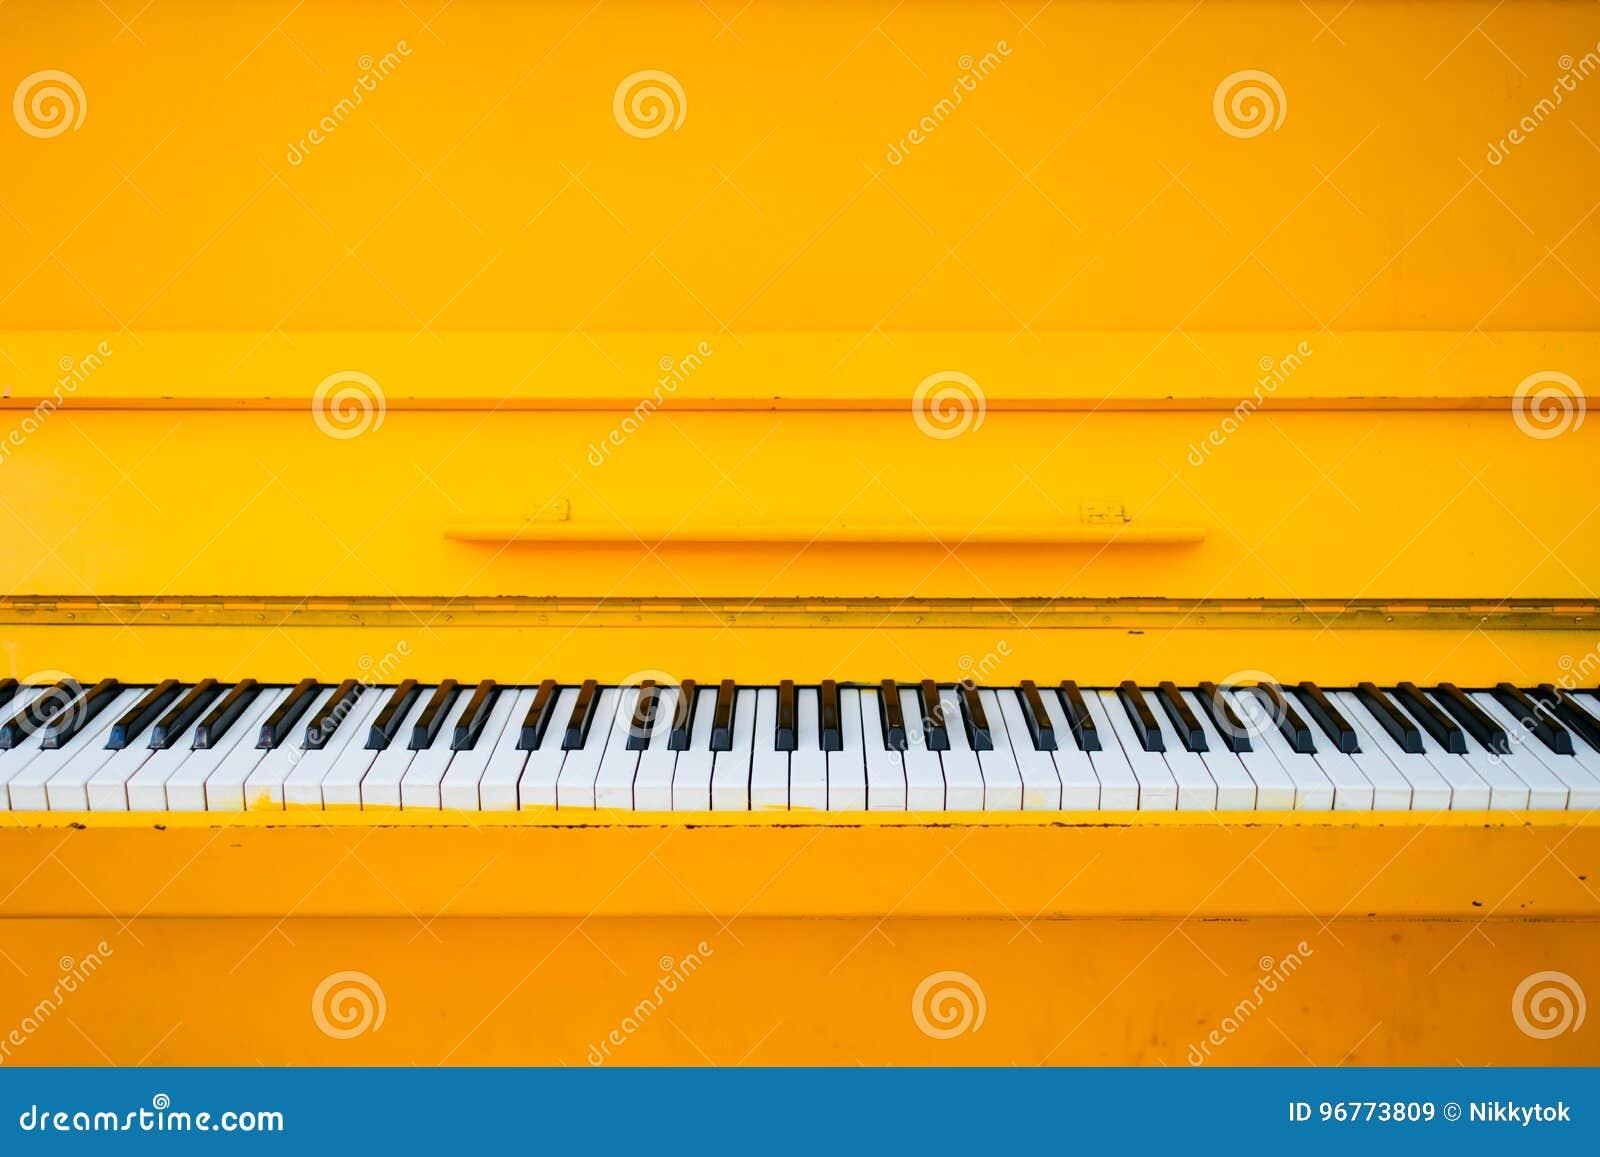 黄色葡萄酒钢琴